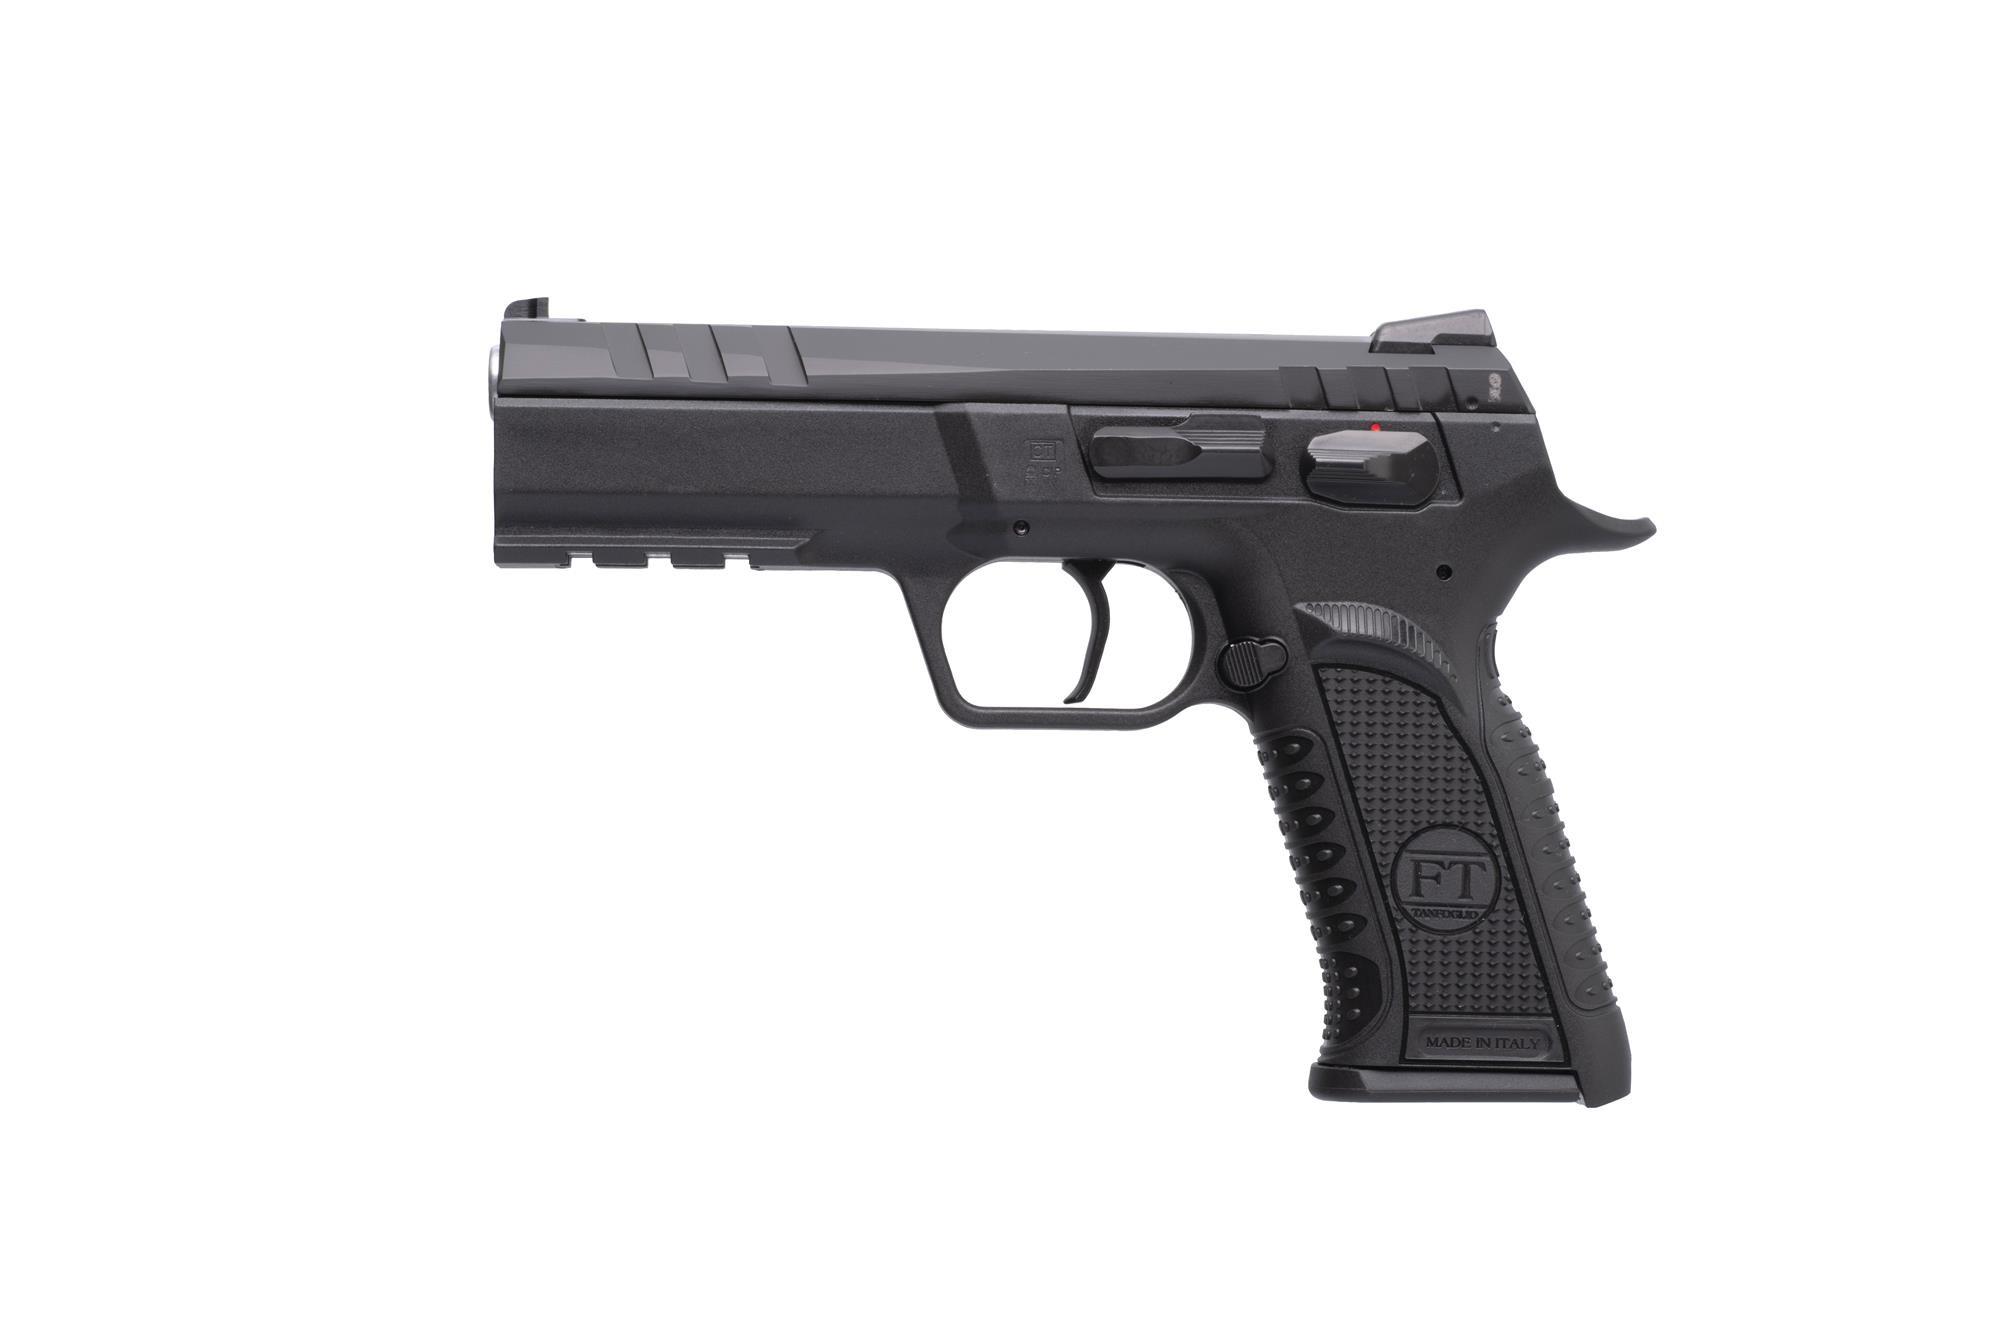 Pistola Tanfoglio Force Esse - Calibre 9mm